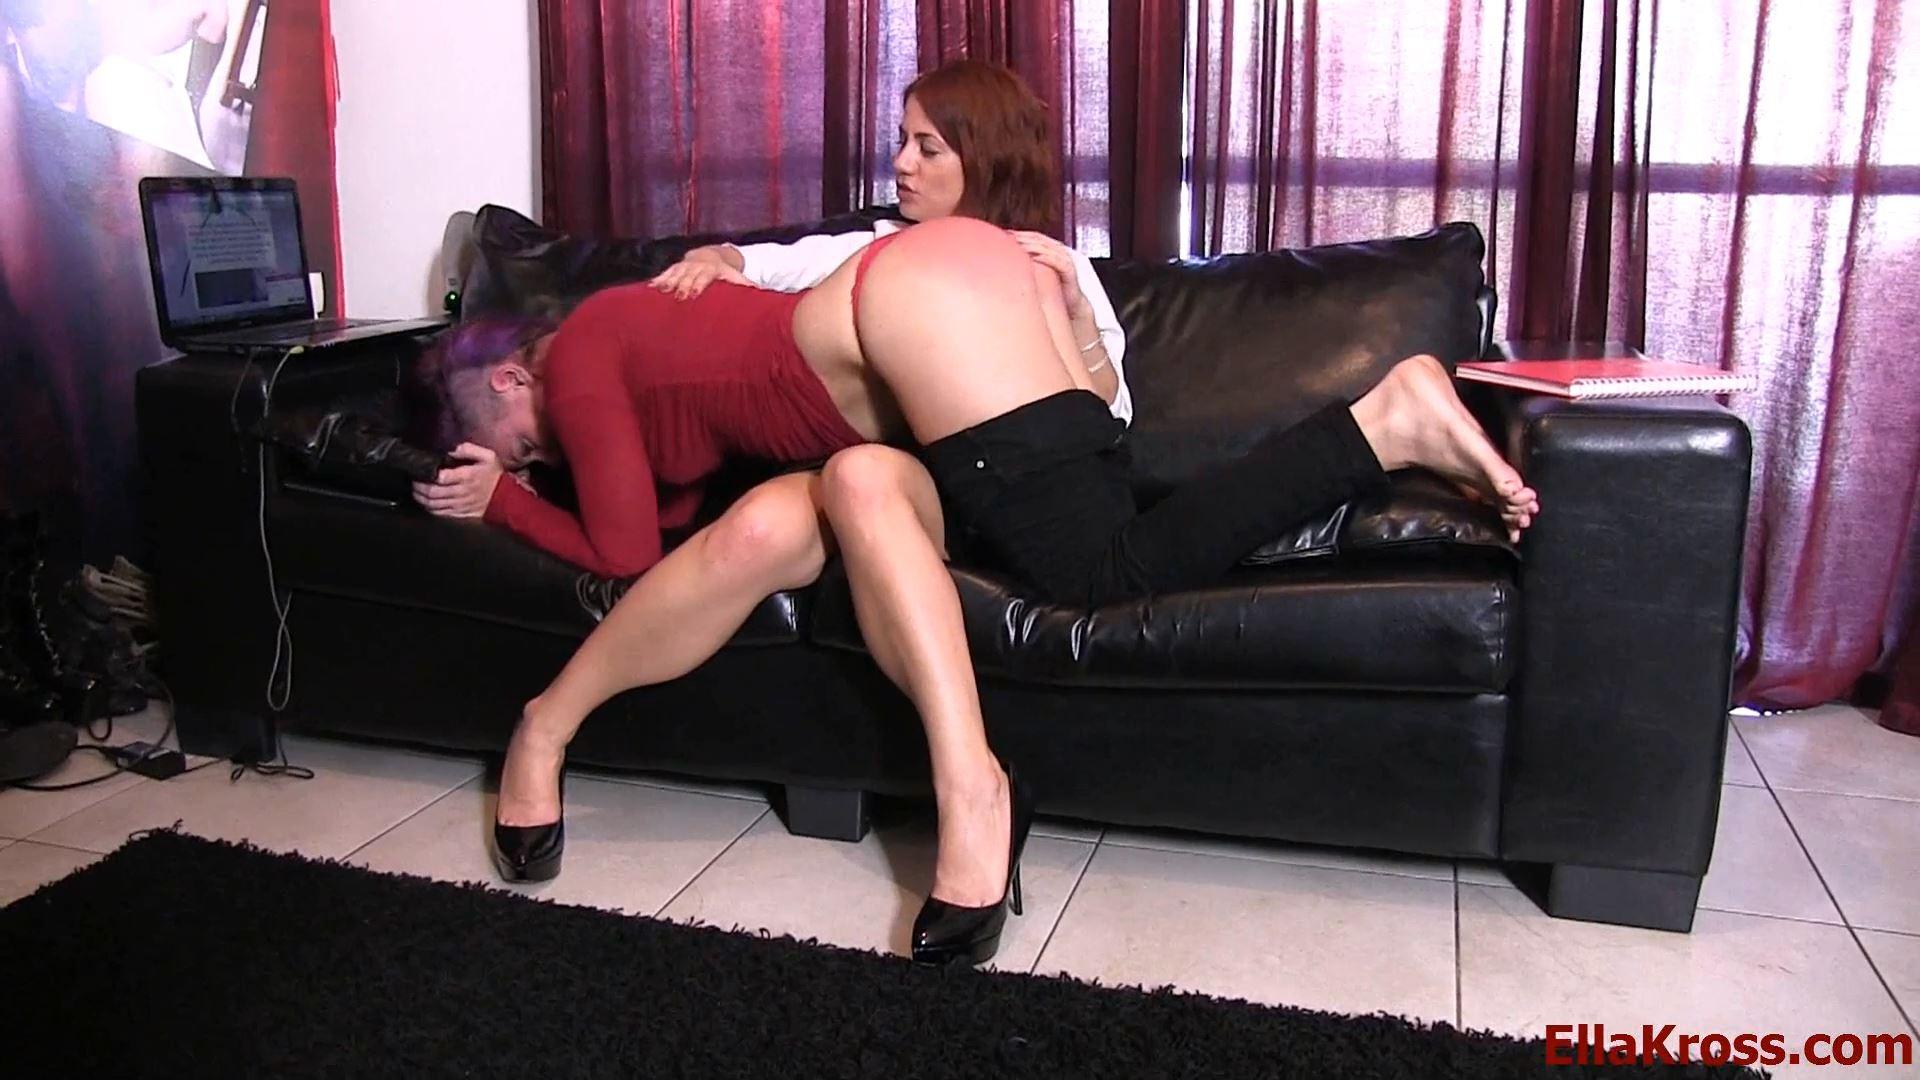 Ella Kross In Scene: Punishing My Slave Girl with Spanking - ELLAKROSS - FULL HD/1080p/MP4